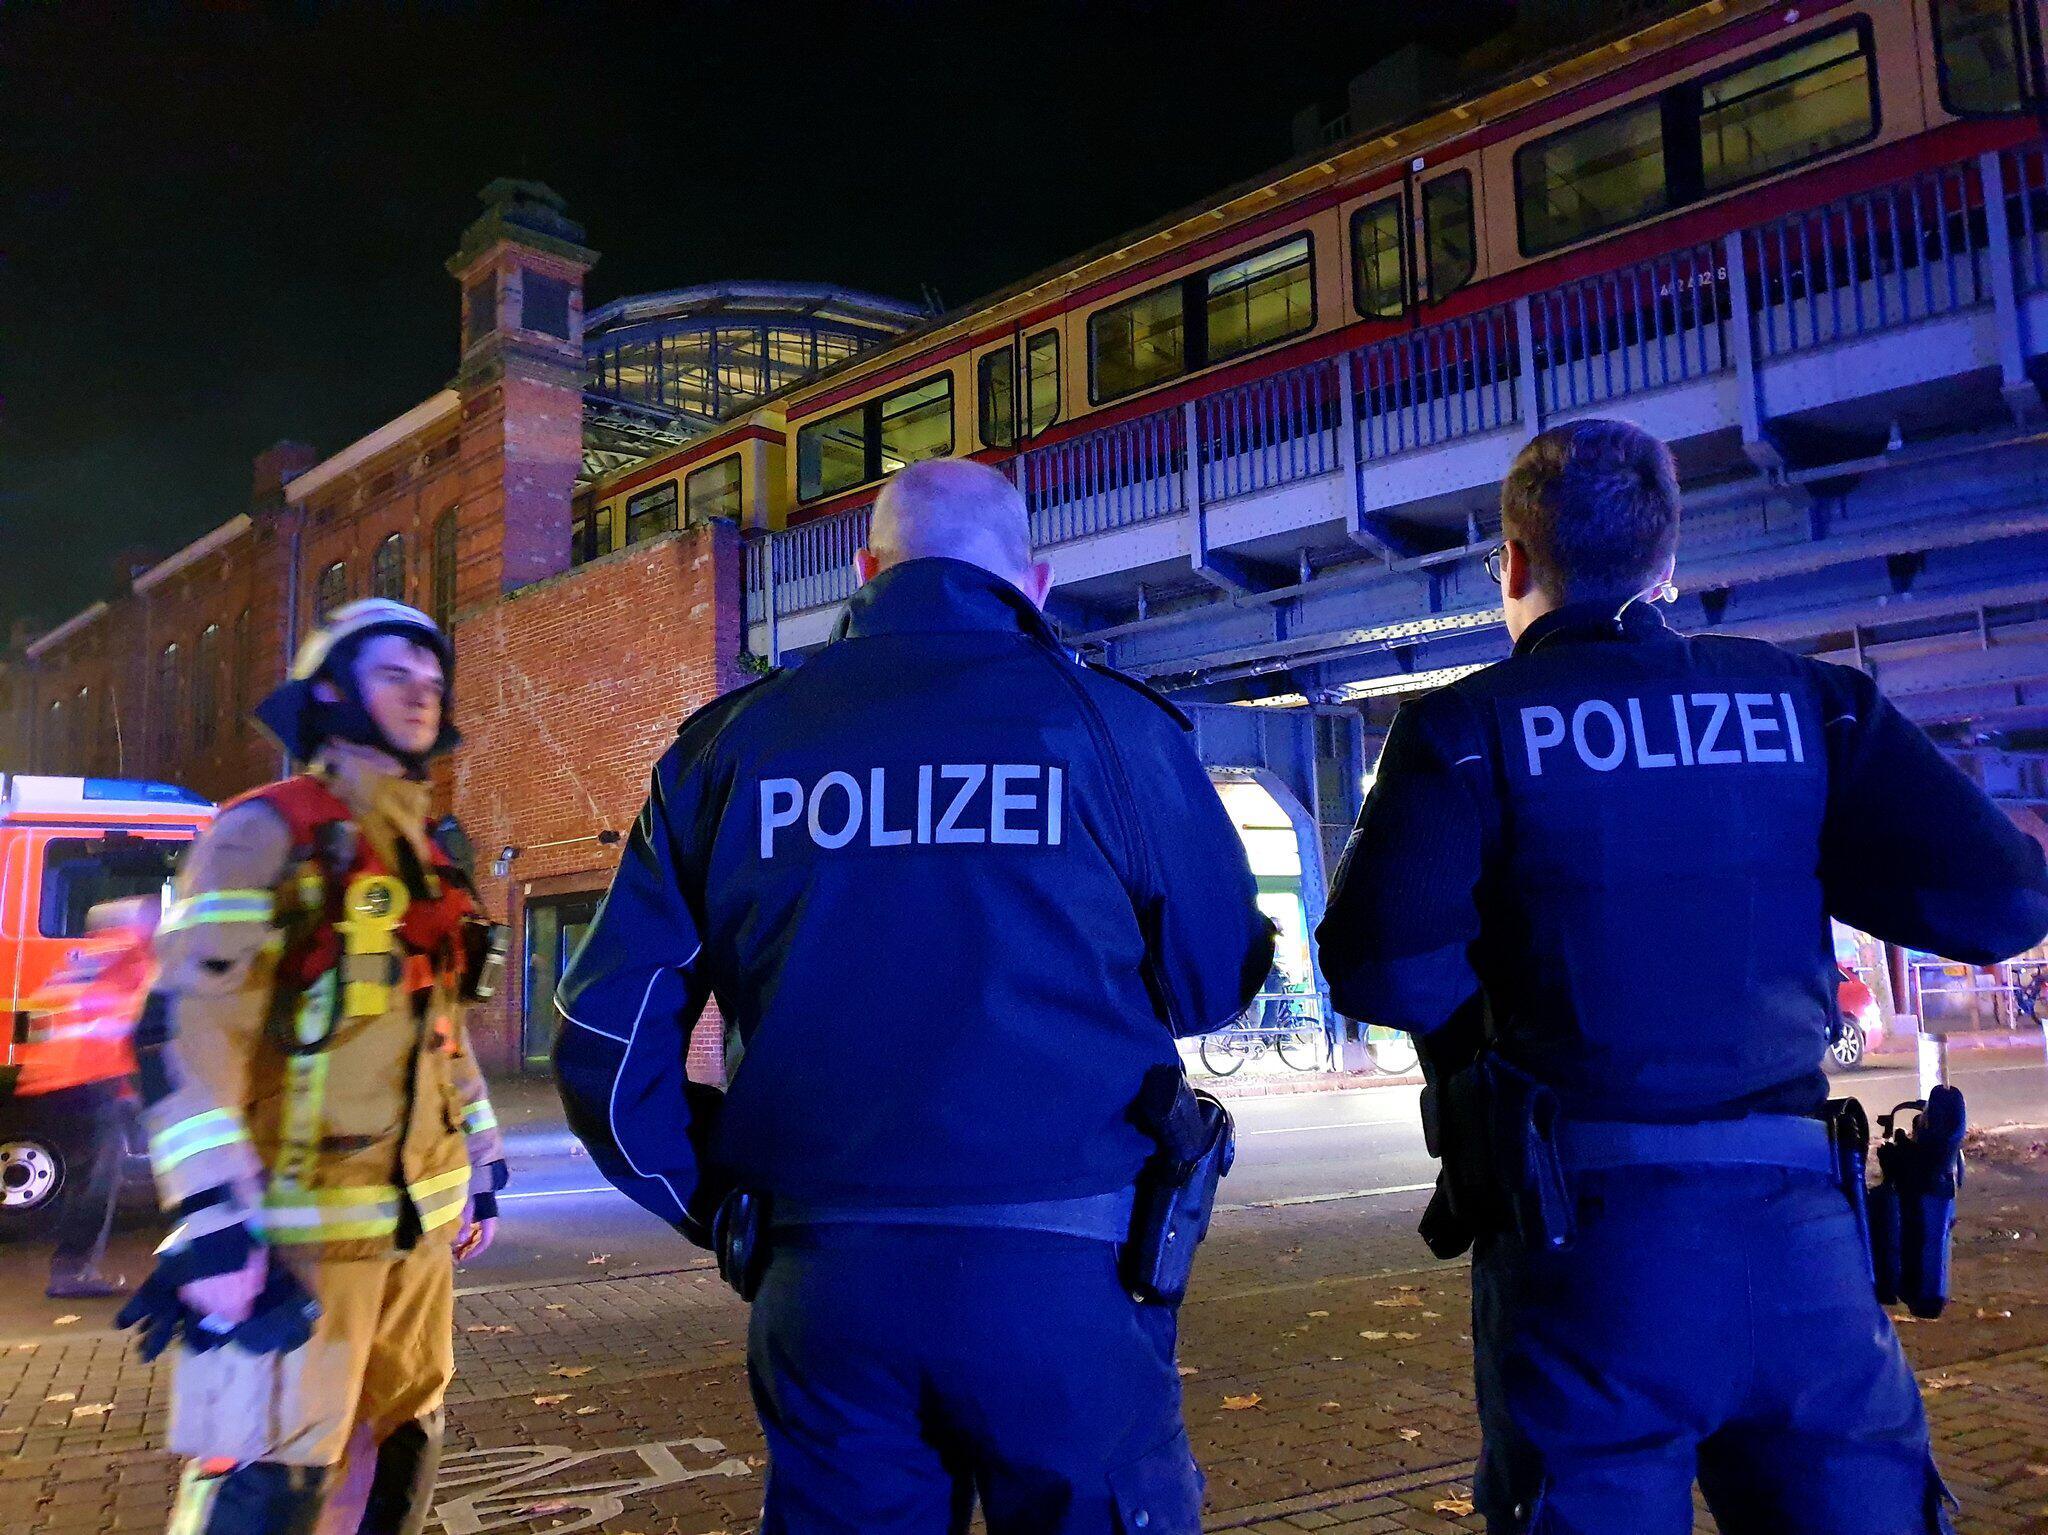 Bild zu Feuer in Zug mit Fußballfans